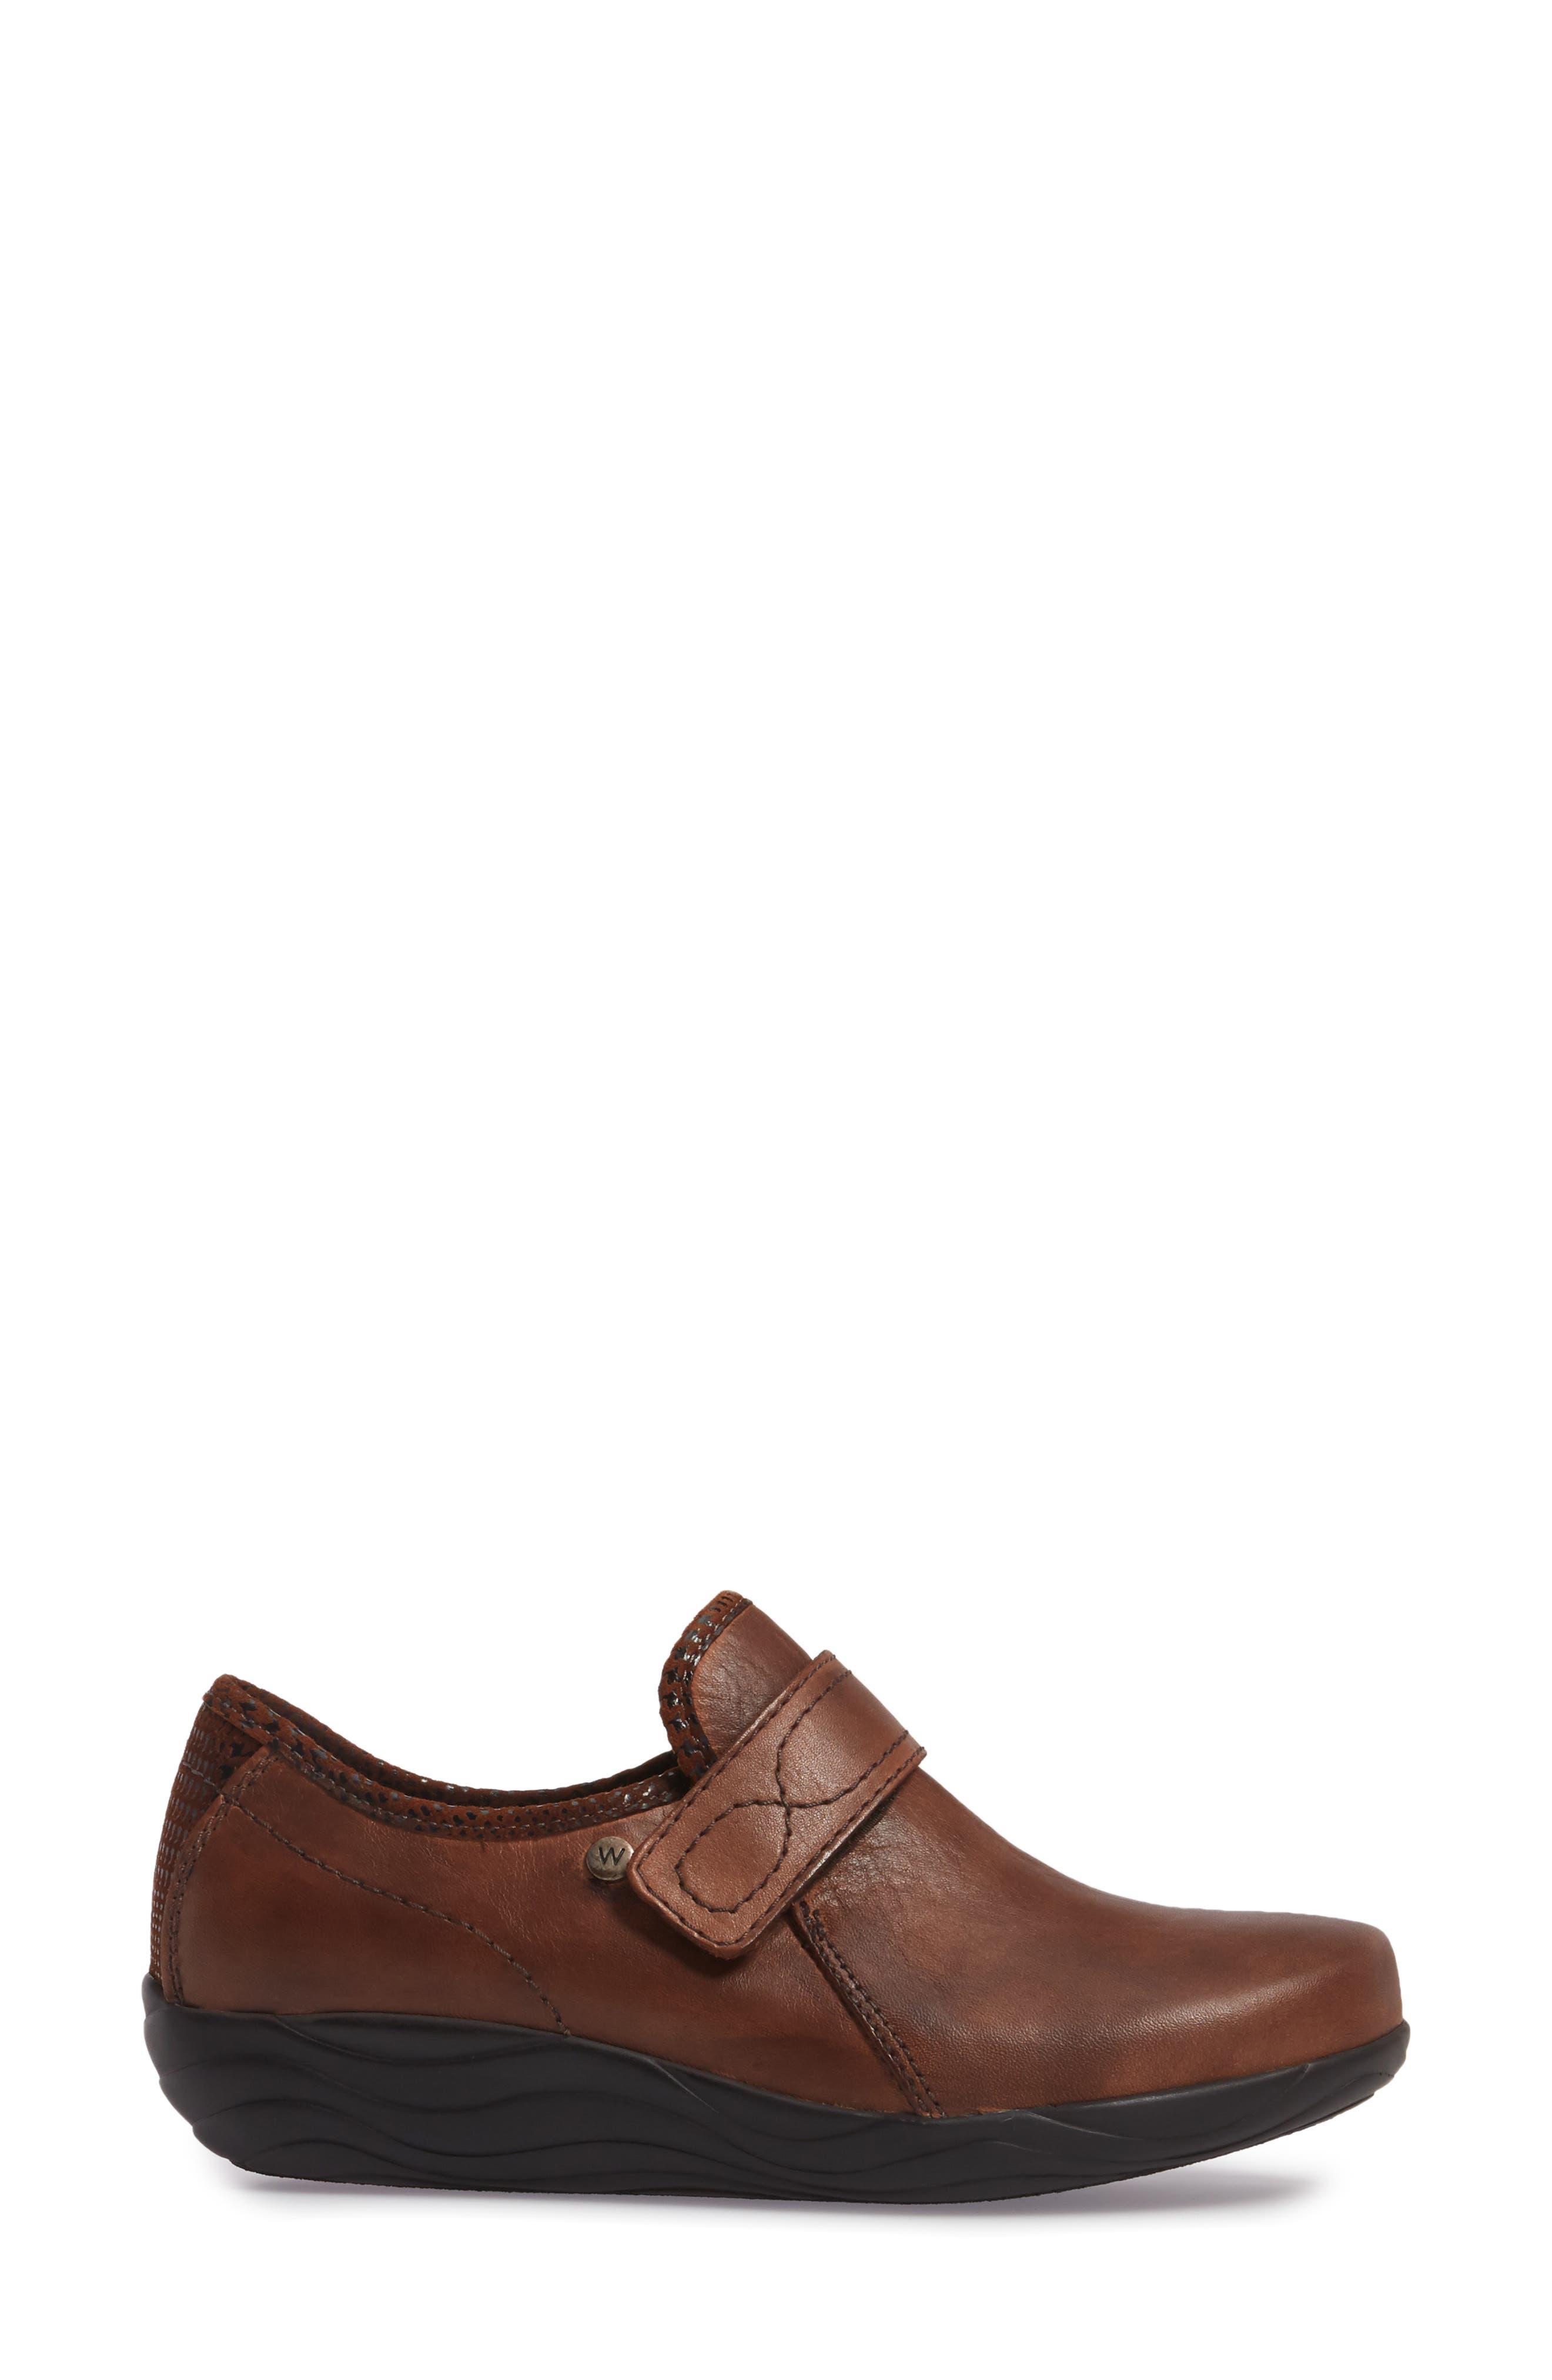 Alternate Image 3  - Wolky Desna Slip-On Sneaker (Women)